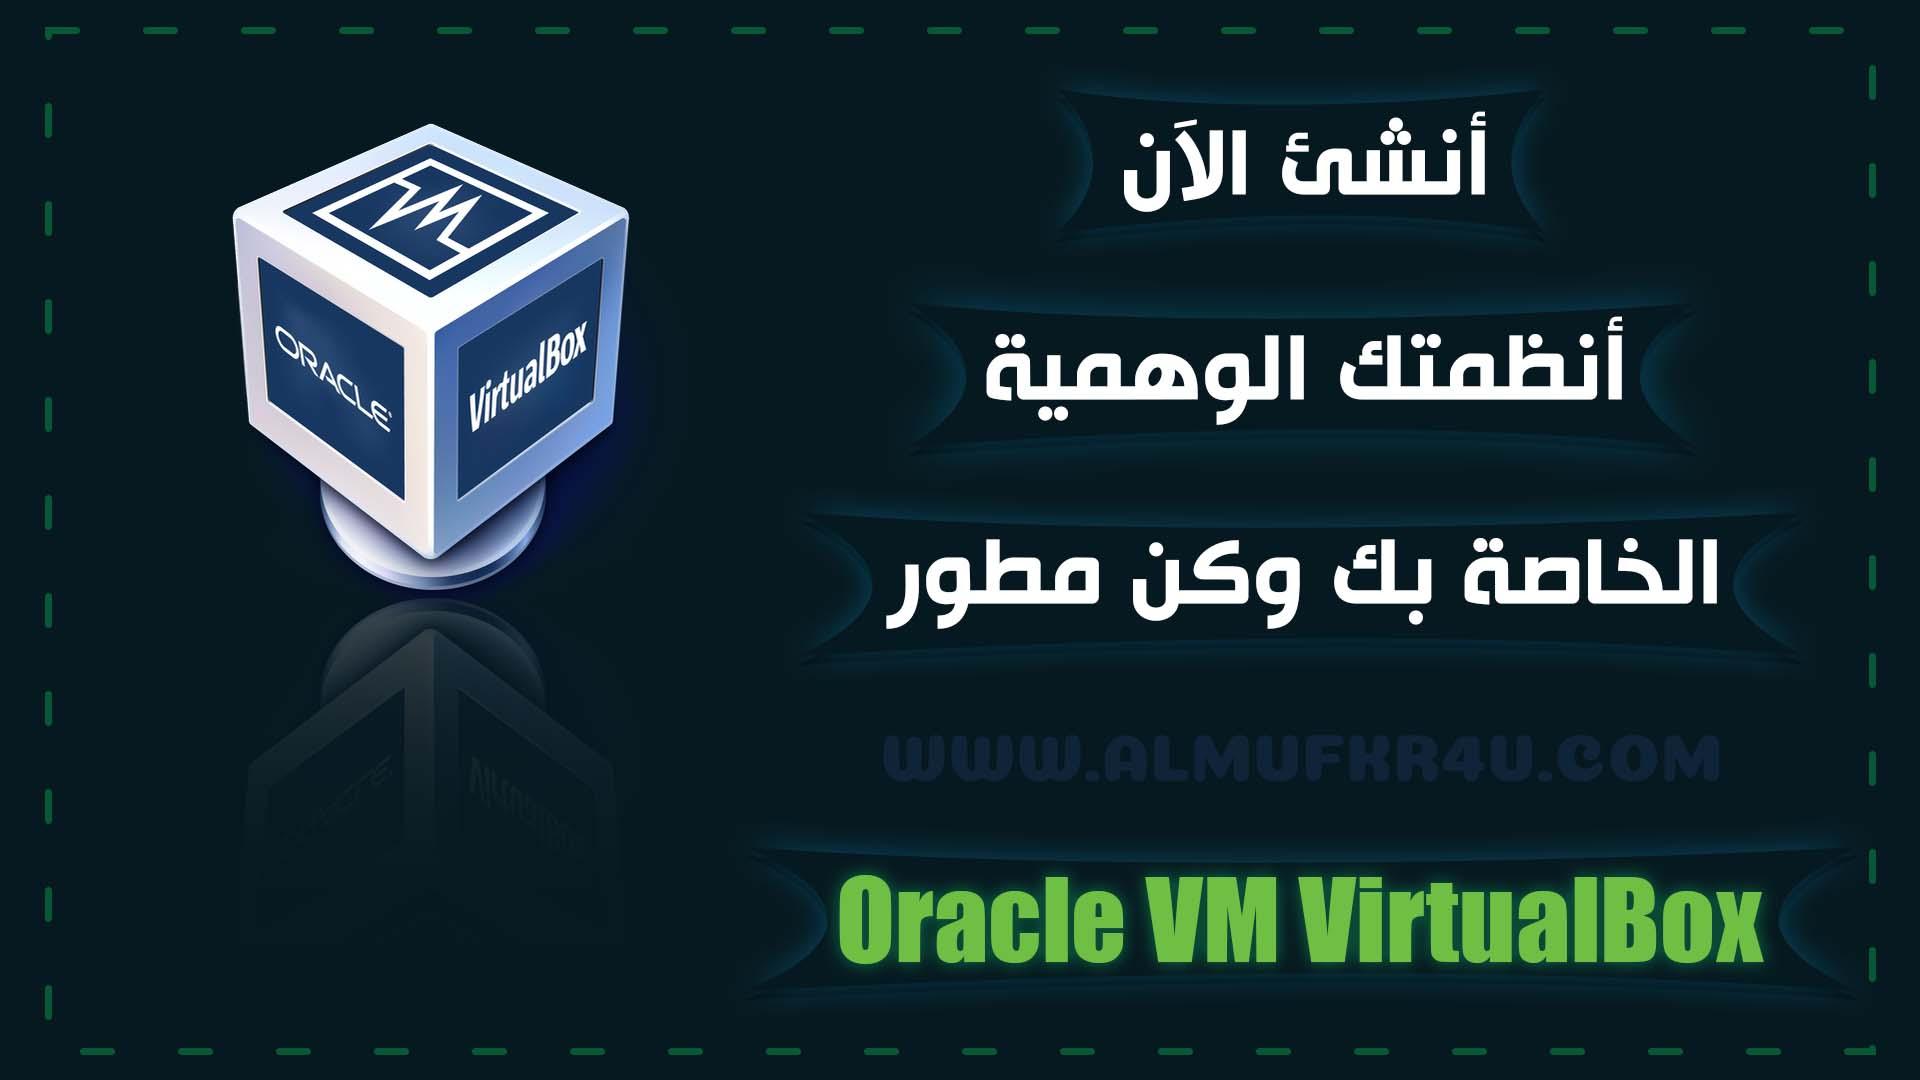 شرح كيفية تحميل برنامج Oracle VM VirtualBox أحدث إصدار لعمل الأنظمة الوهمية علي الكمبيوتر مجانا تحميل مباشر من الموقع الرسمي النسخة الأصلية والرسمية من فيرشوال بوكس.